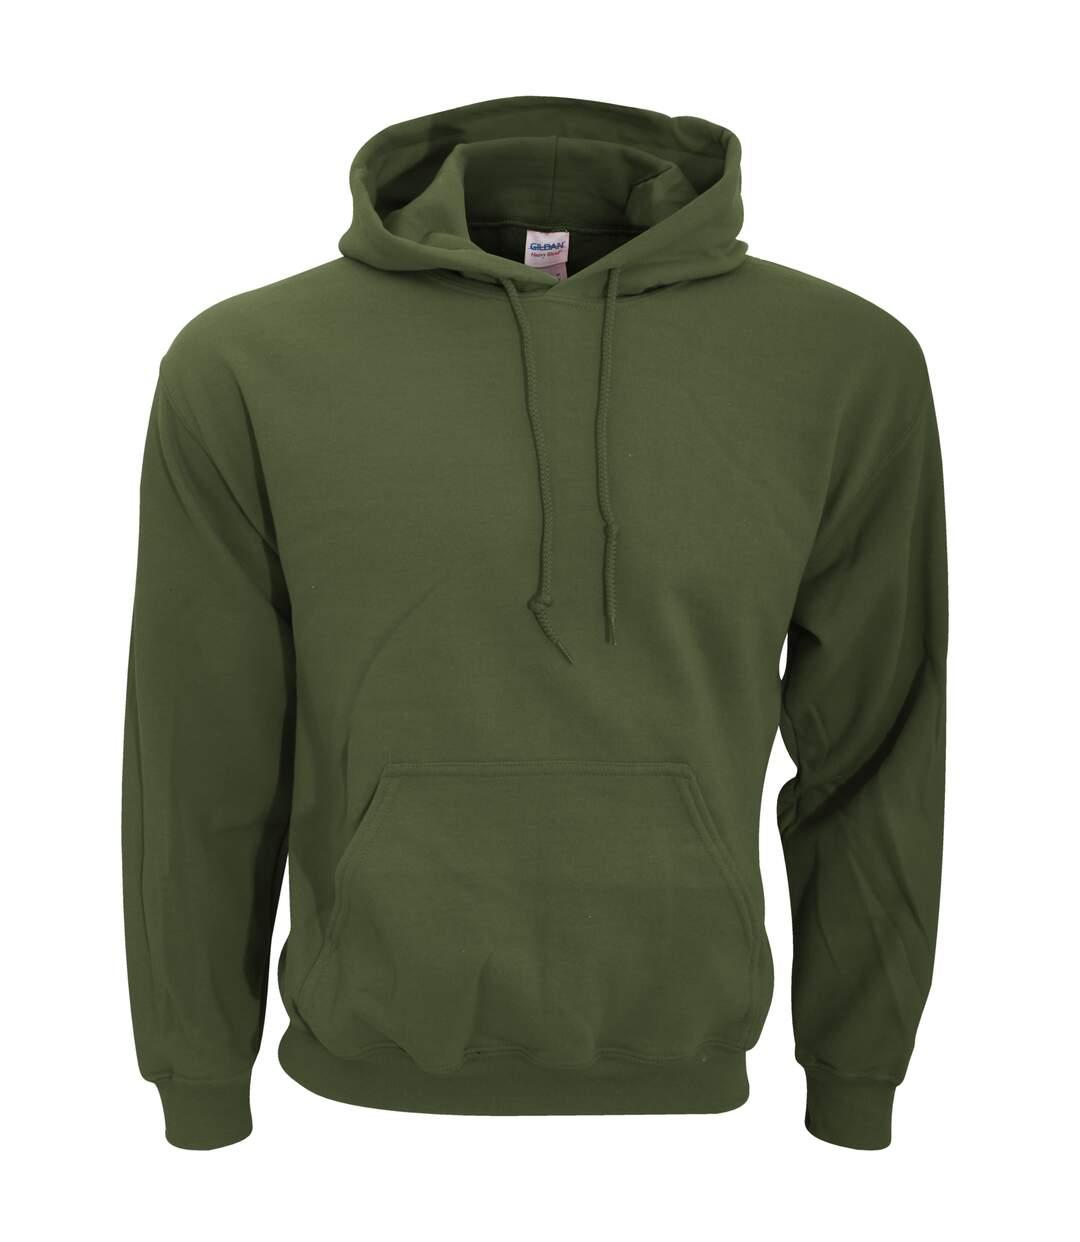 Gildan Heavy Blend Adult Unisex Hooded Sweatshirt / Hoodie (Dark Heather) - UTBC468